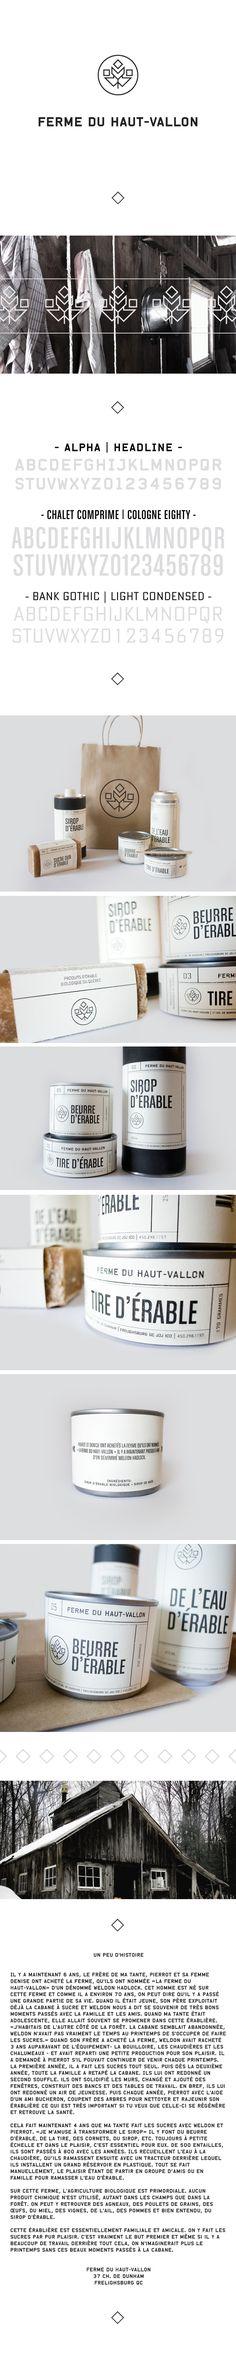 Ferme du Haut-Vallon by Eliane Cadieux, via Behance Time for a bath #identity #packaging #branding PD